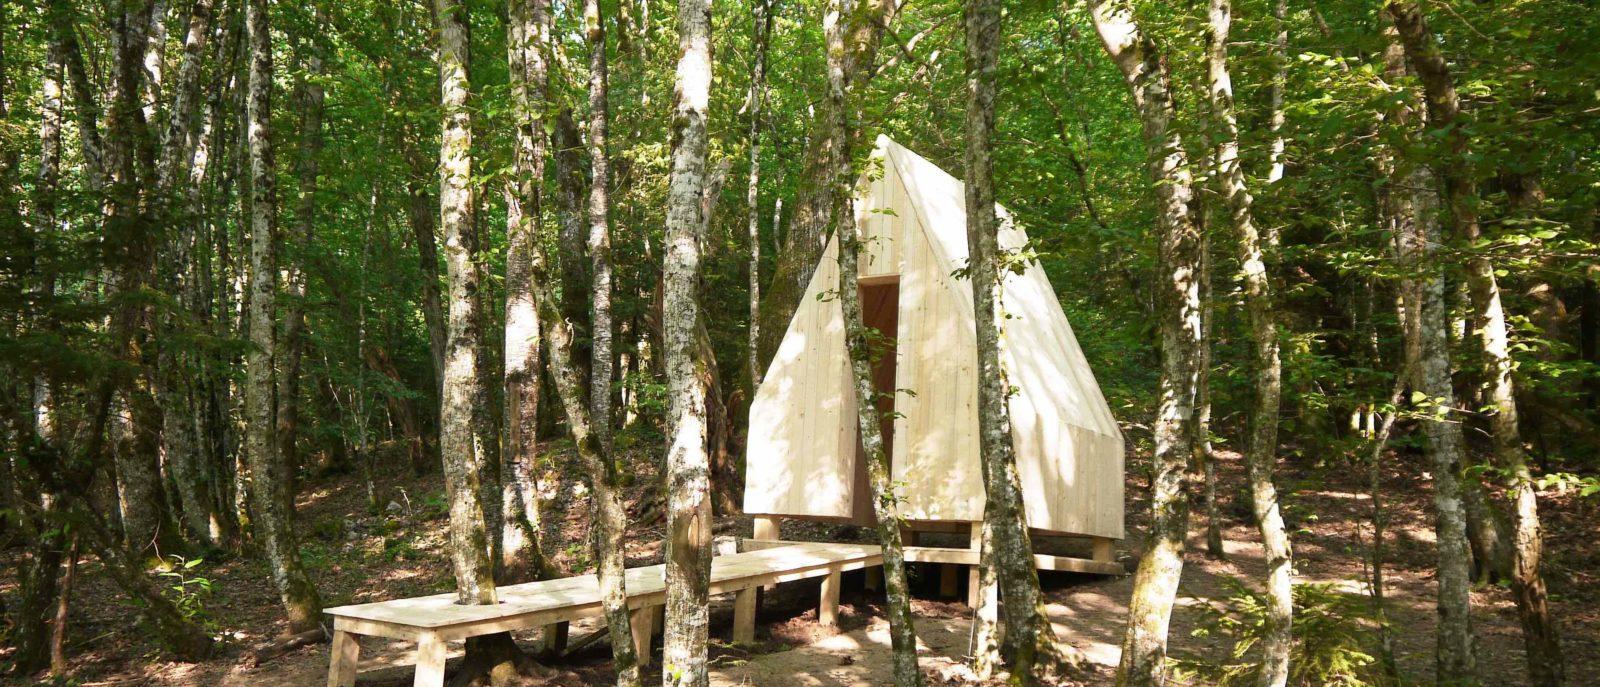 festival cabanes 2019 Lignum Casa -